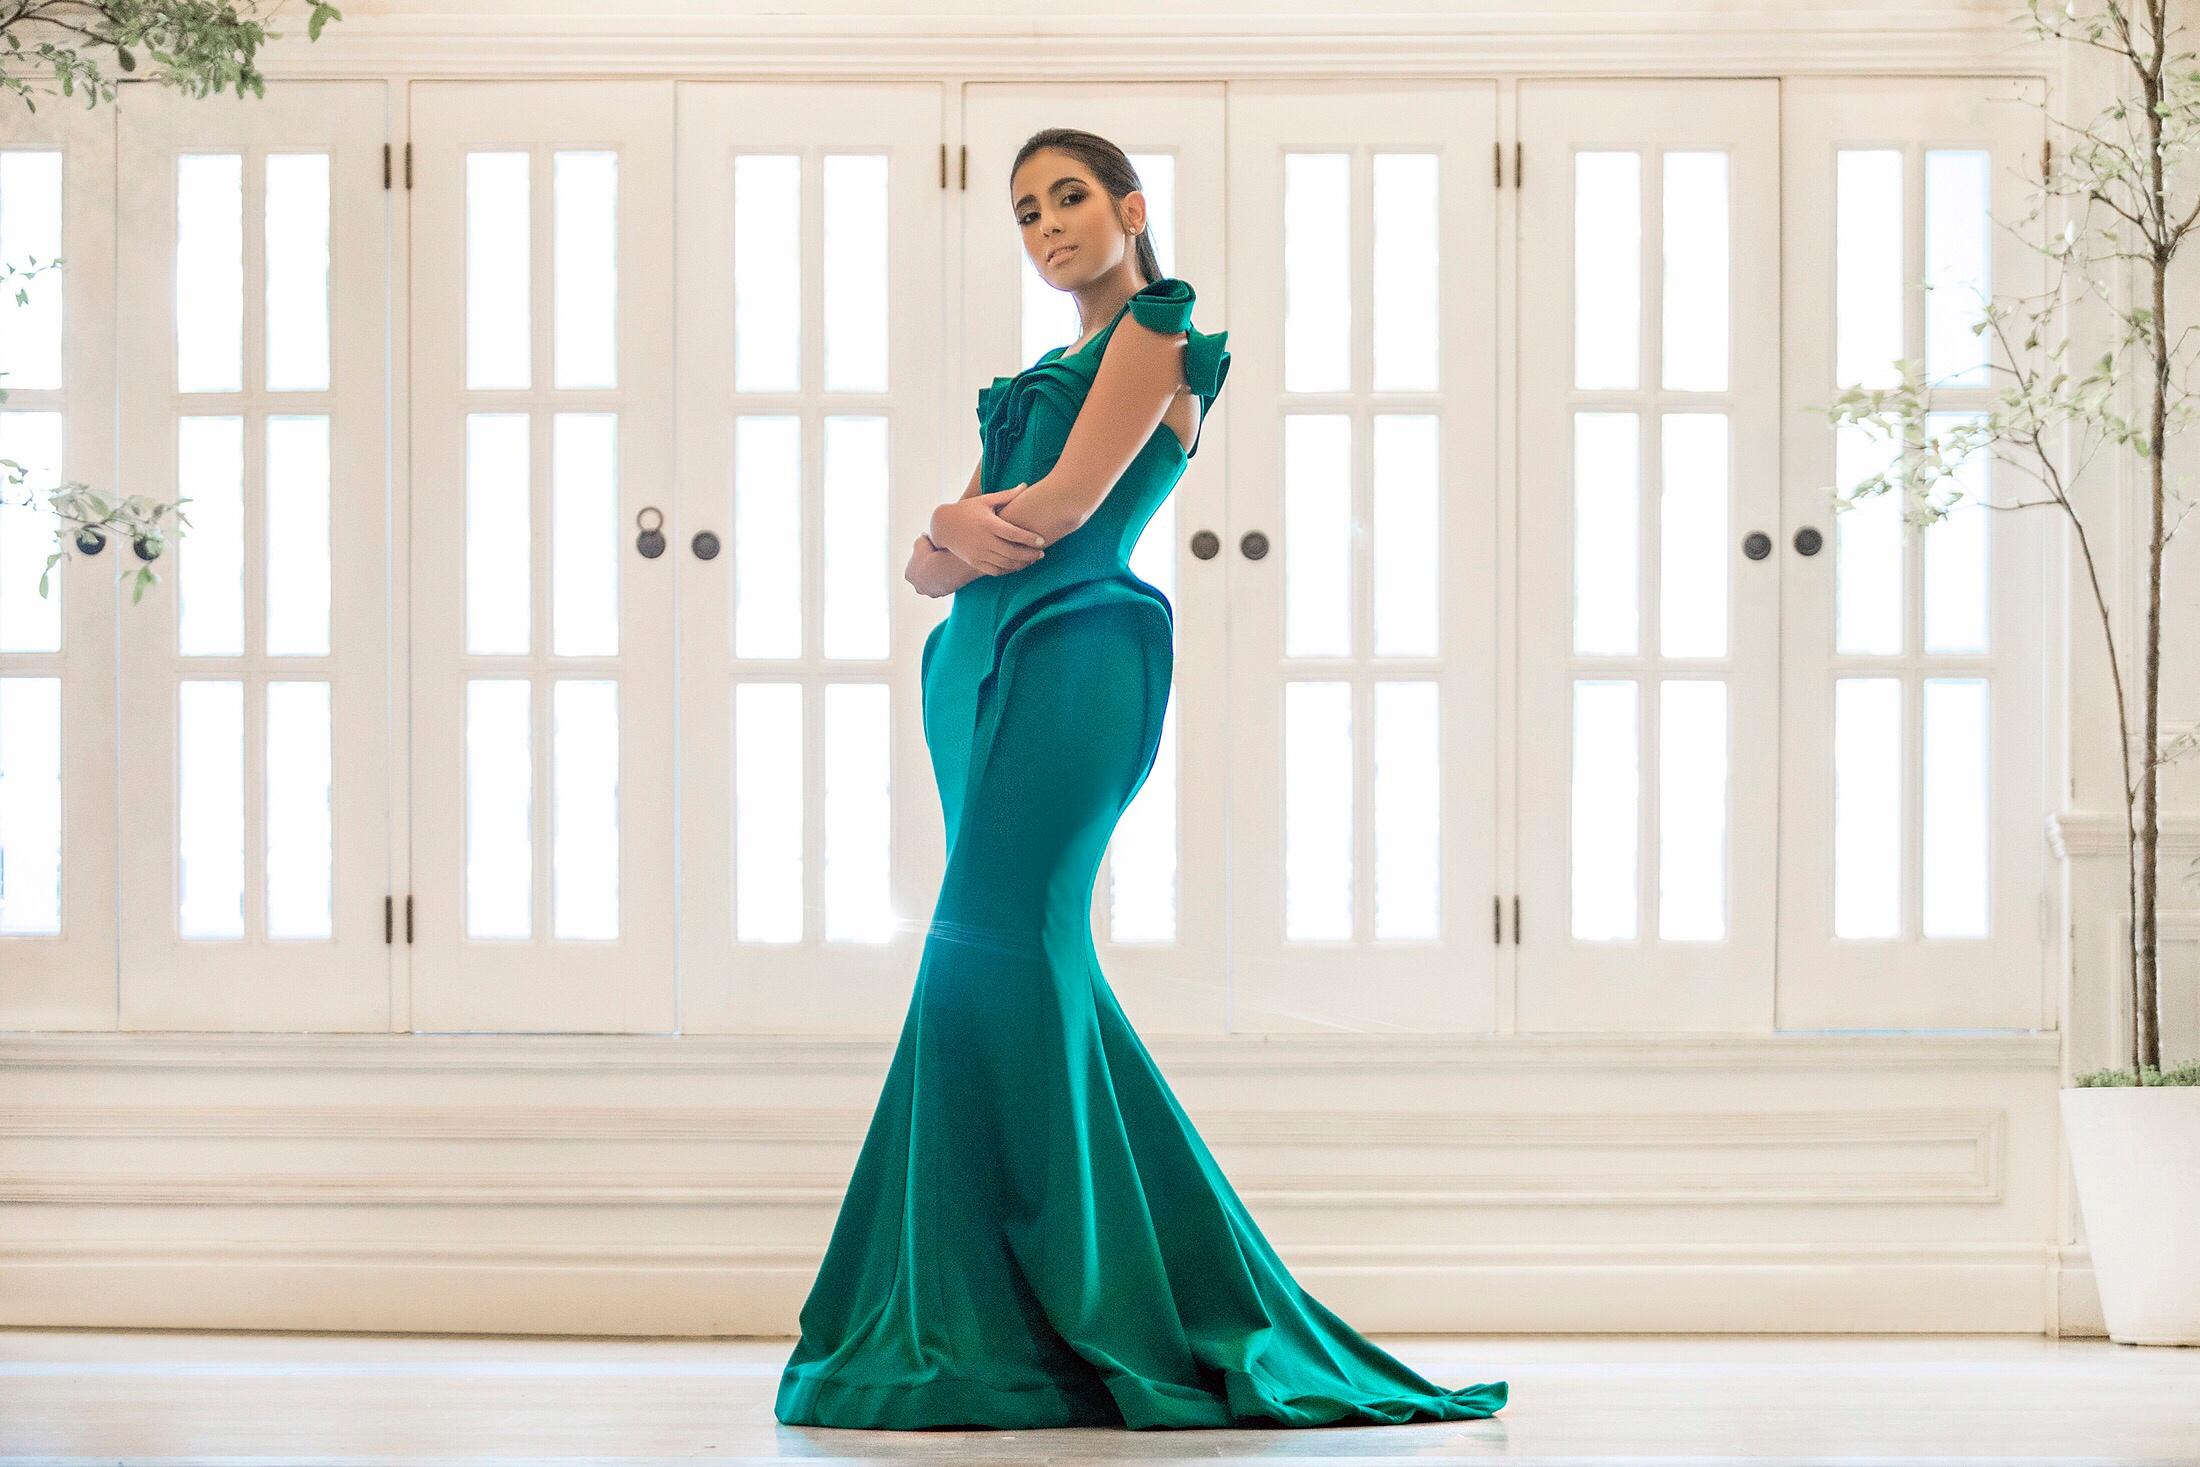 vestidos-guia-santo-domingo-fashion-blogger-tips-economicos.JPG